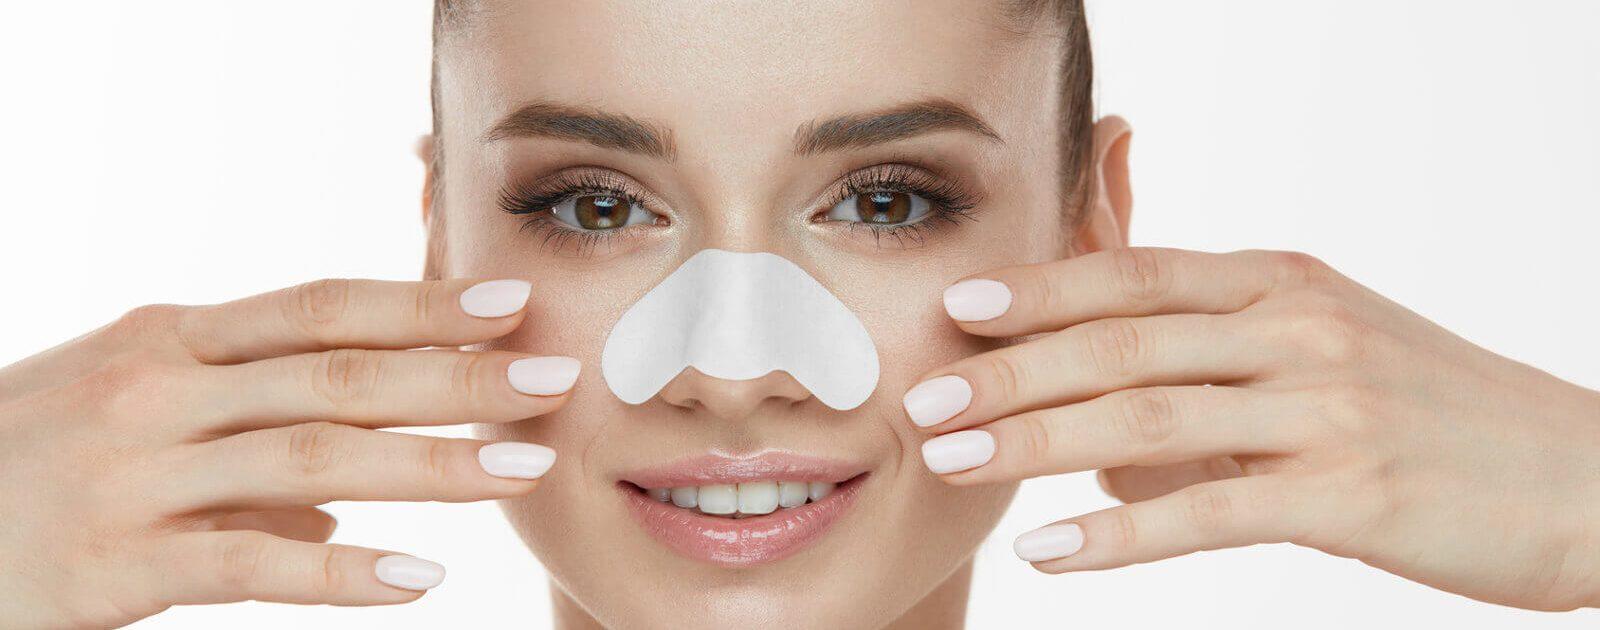 Nach einer Nasenkorrektur hat die Frau wieder eine gerade Nase